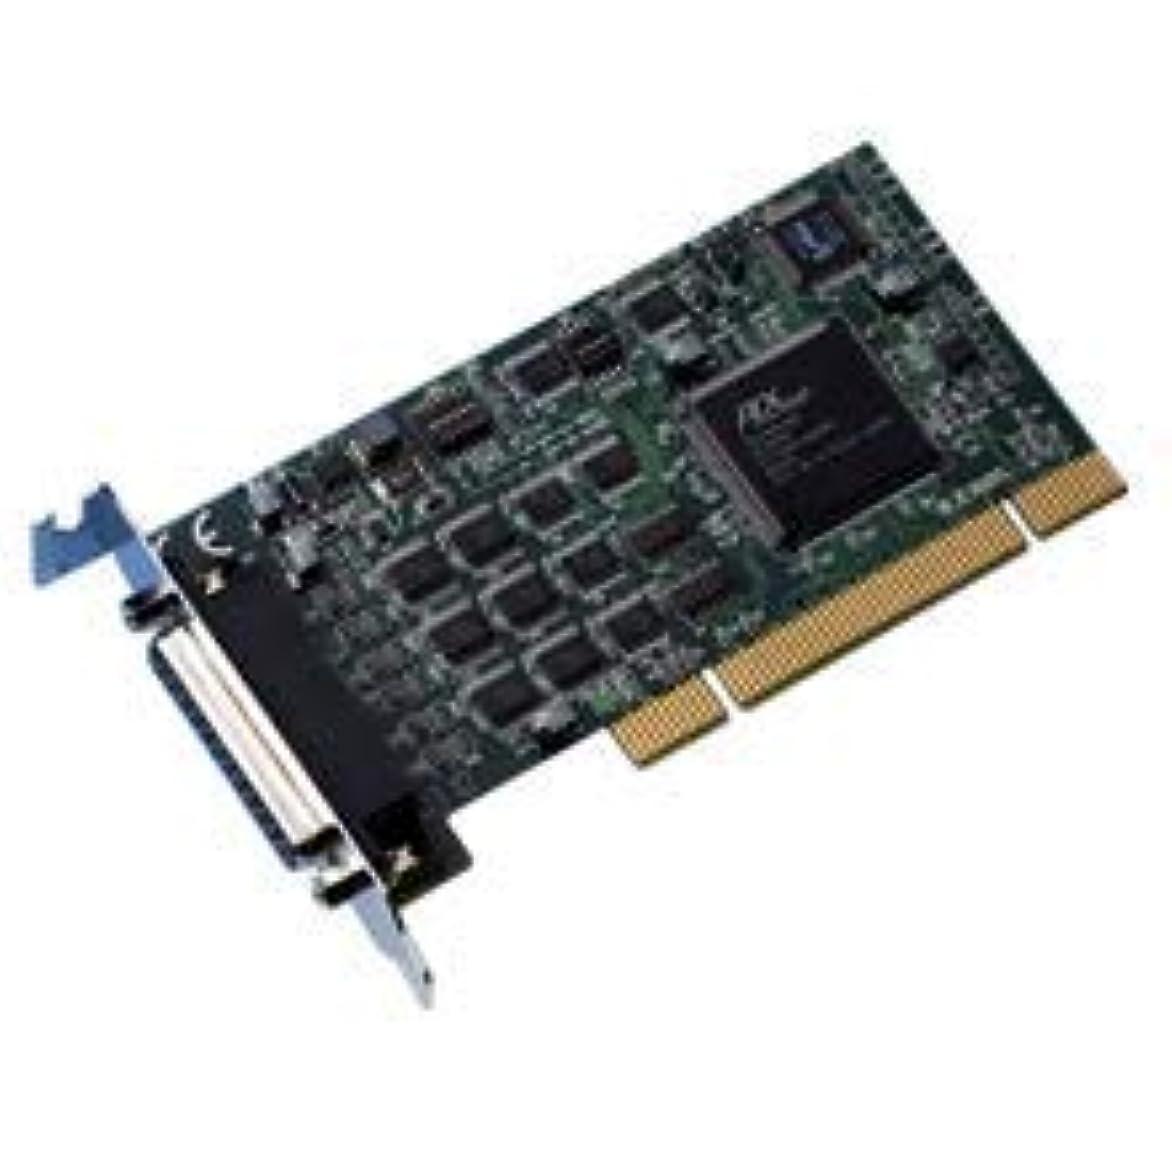 絶滅したインポート収束Advantech PCI-1757UP-AE Interface、DAQカード、24ch TTL Digital I/O ロープロファイルユニバーサルPCIカード